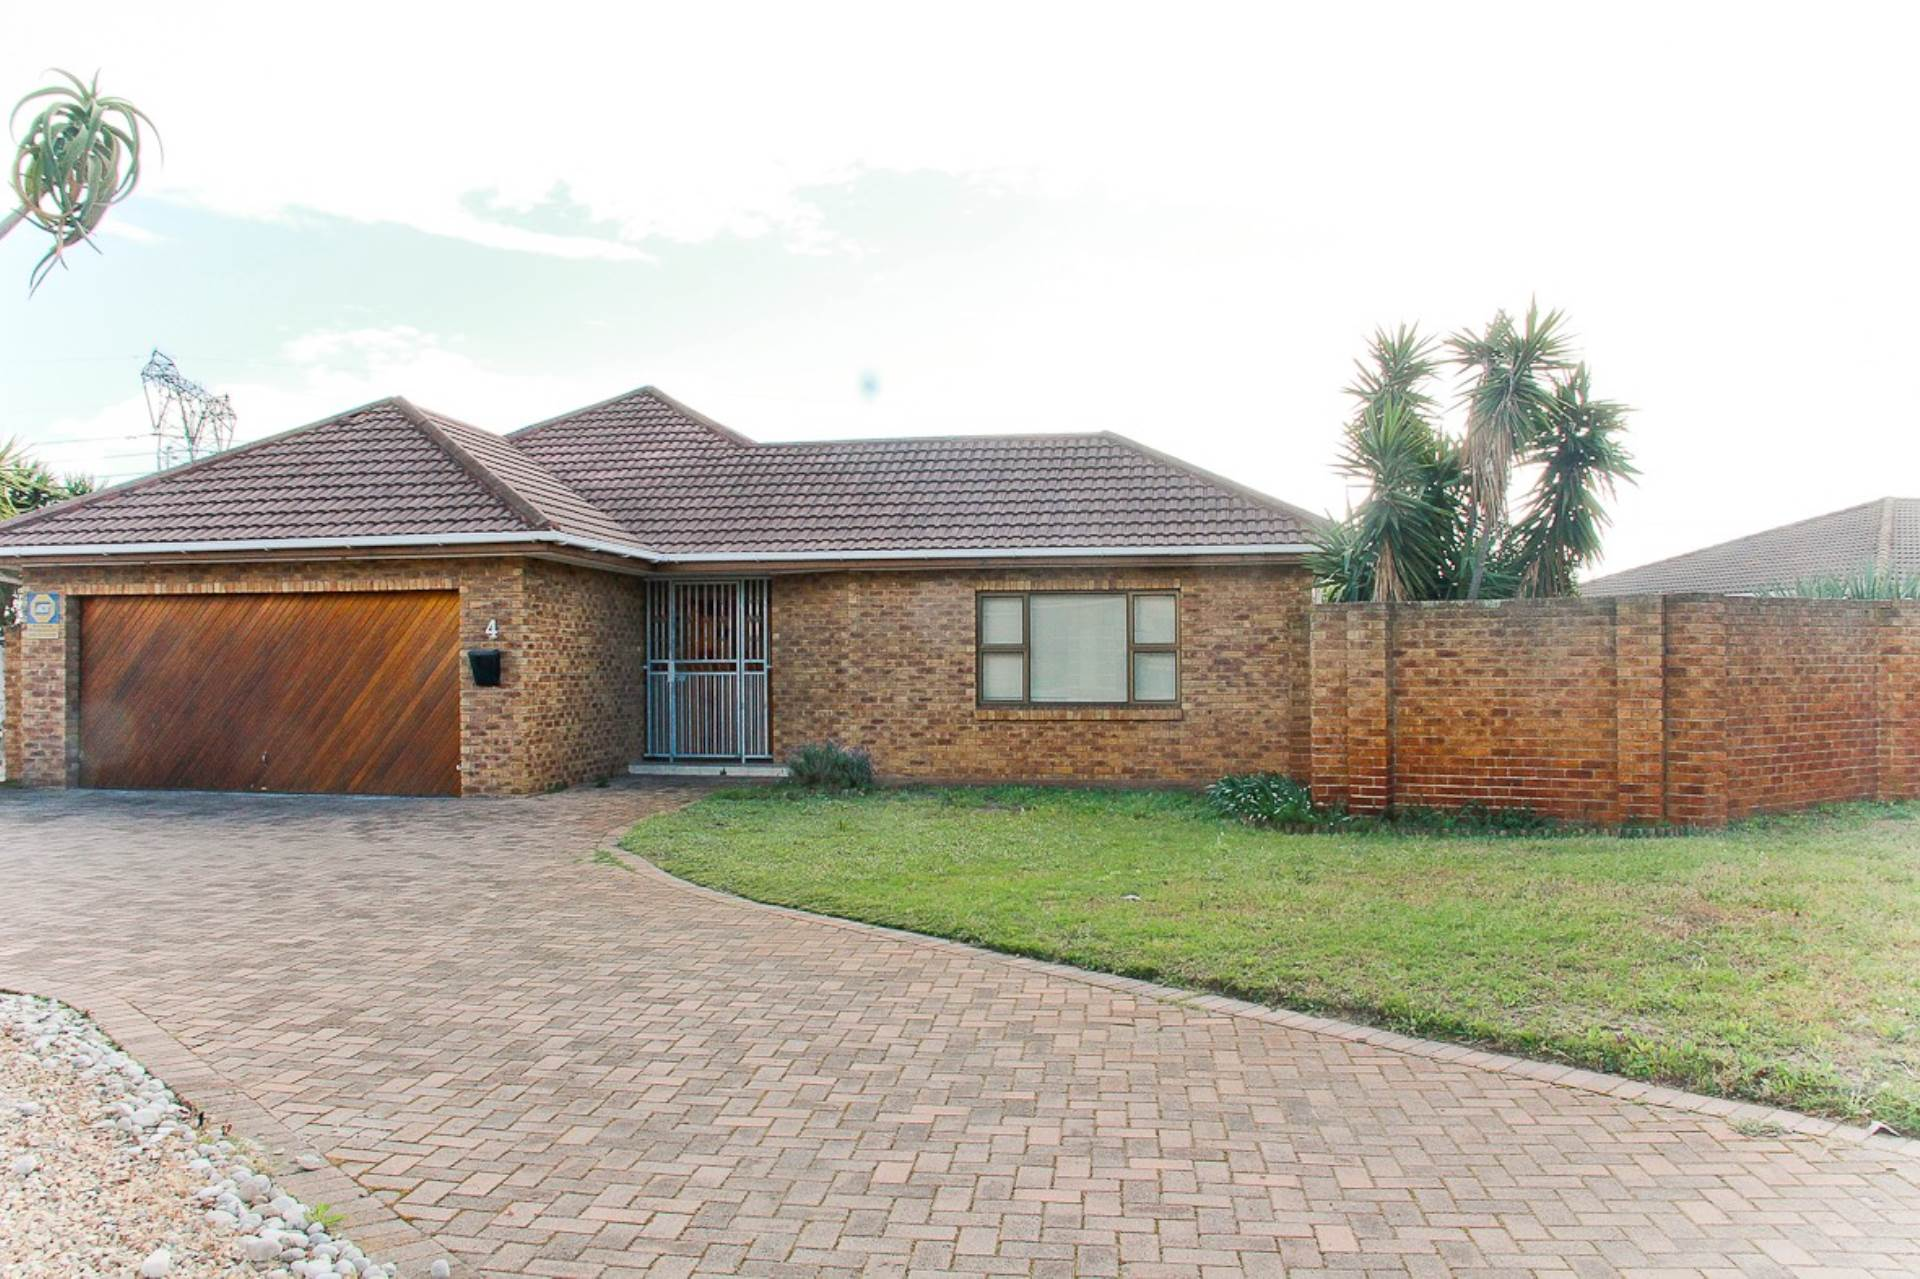 3 BedroomHouse For Sale In Kleinbosch